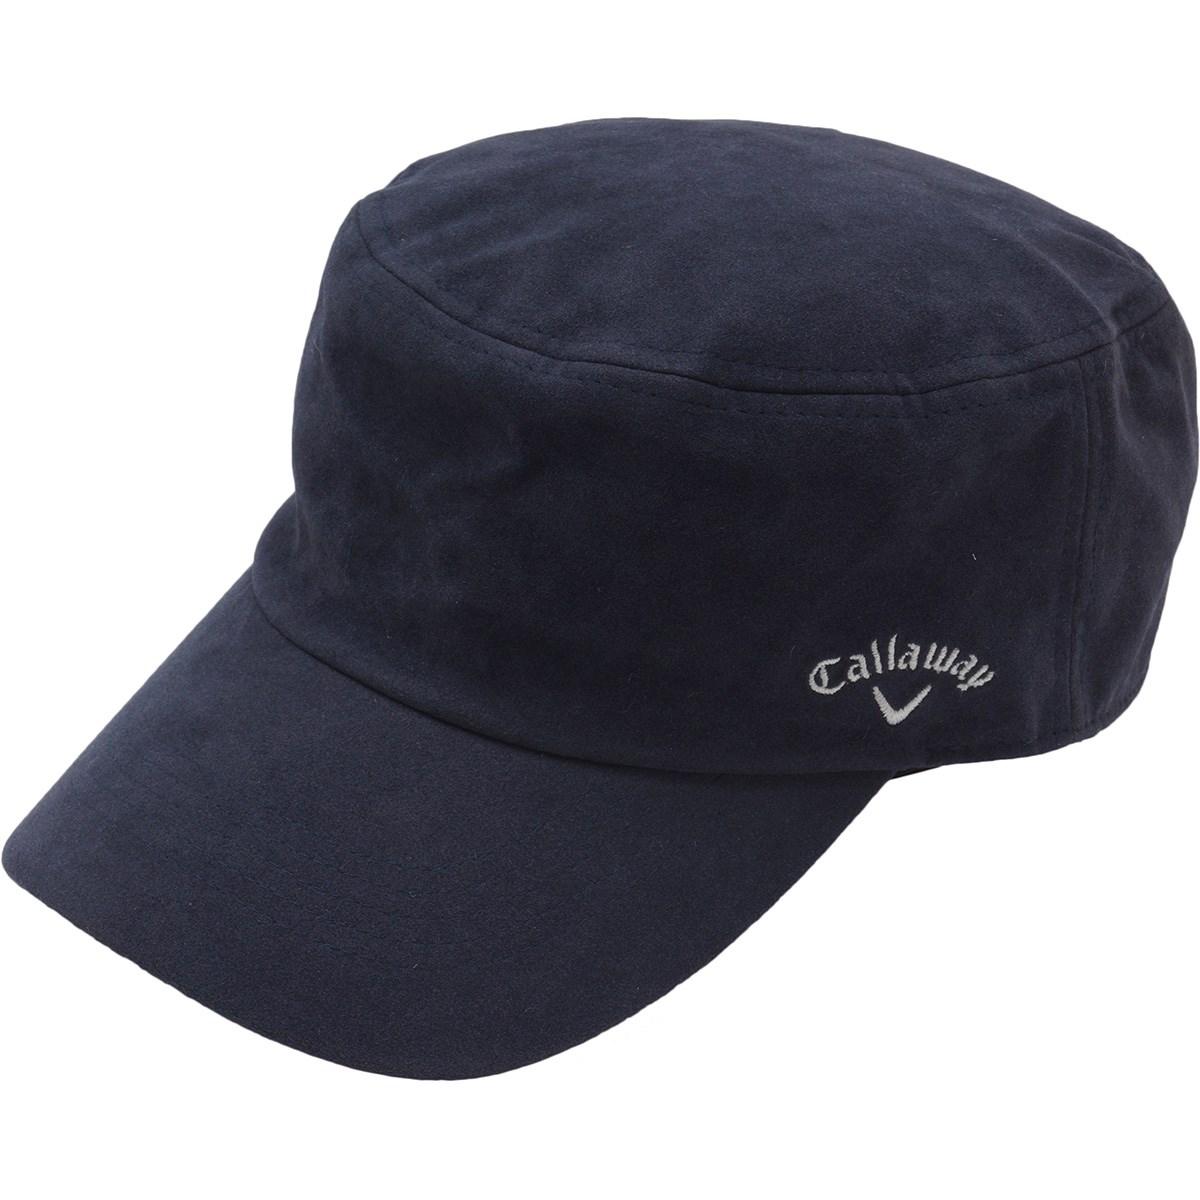 キャロウェイゴルフ(Callaway Golf) ツアースエードワークキャップ JM